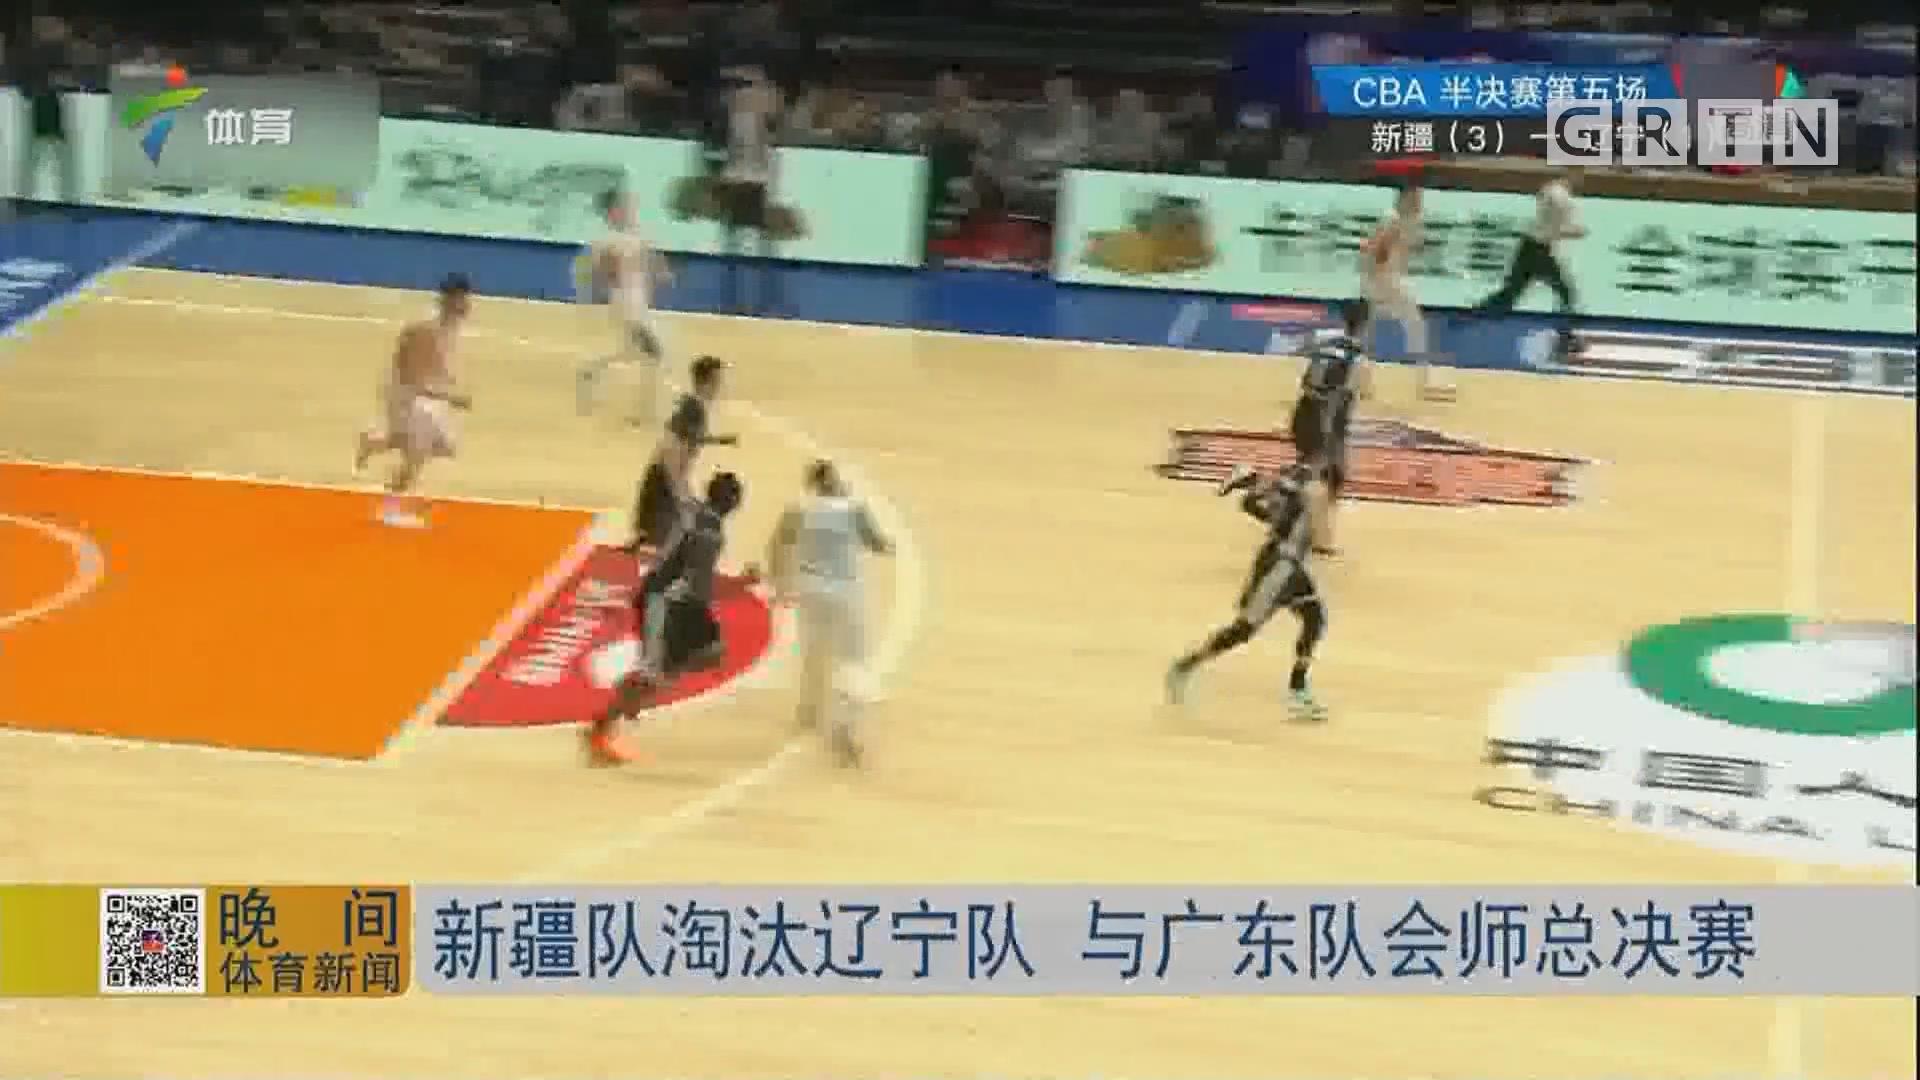 新疆队淘汰辽宁队 与广东队会师总决赛